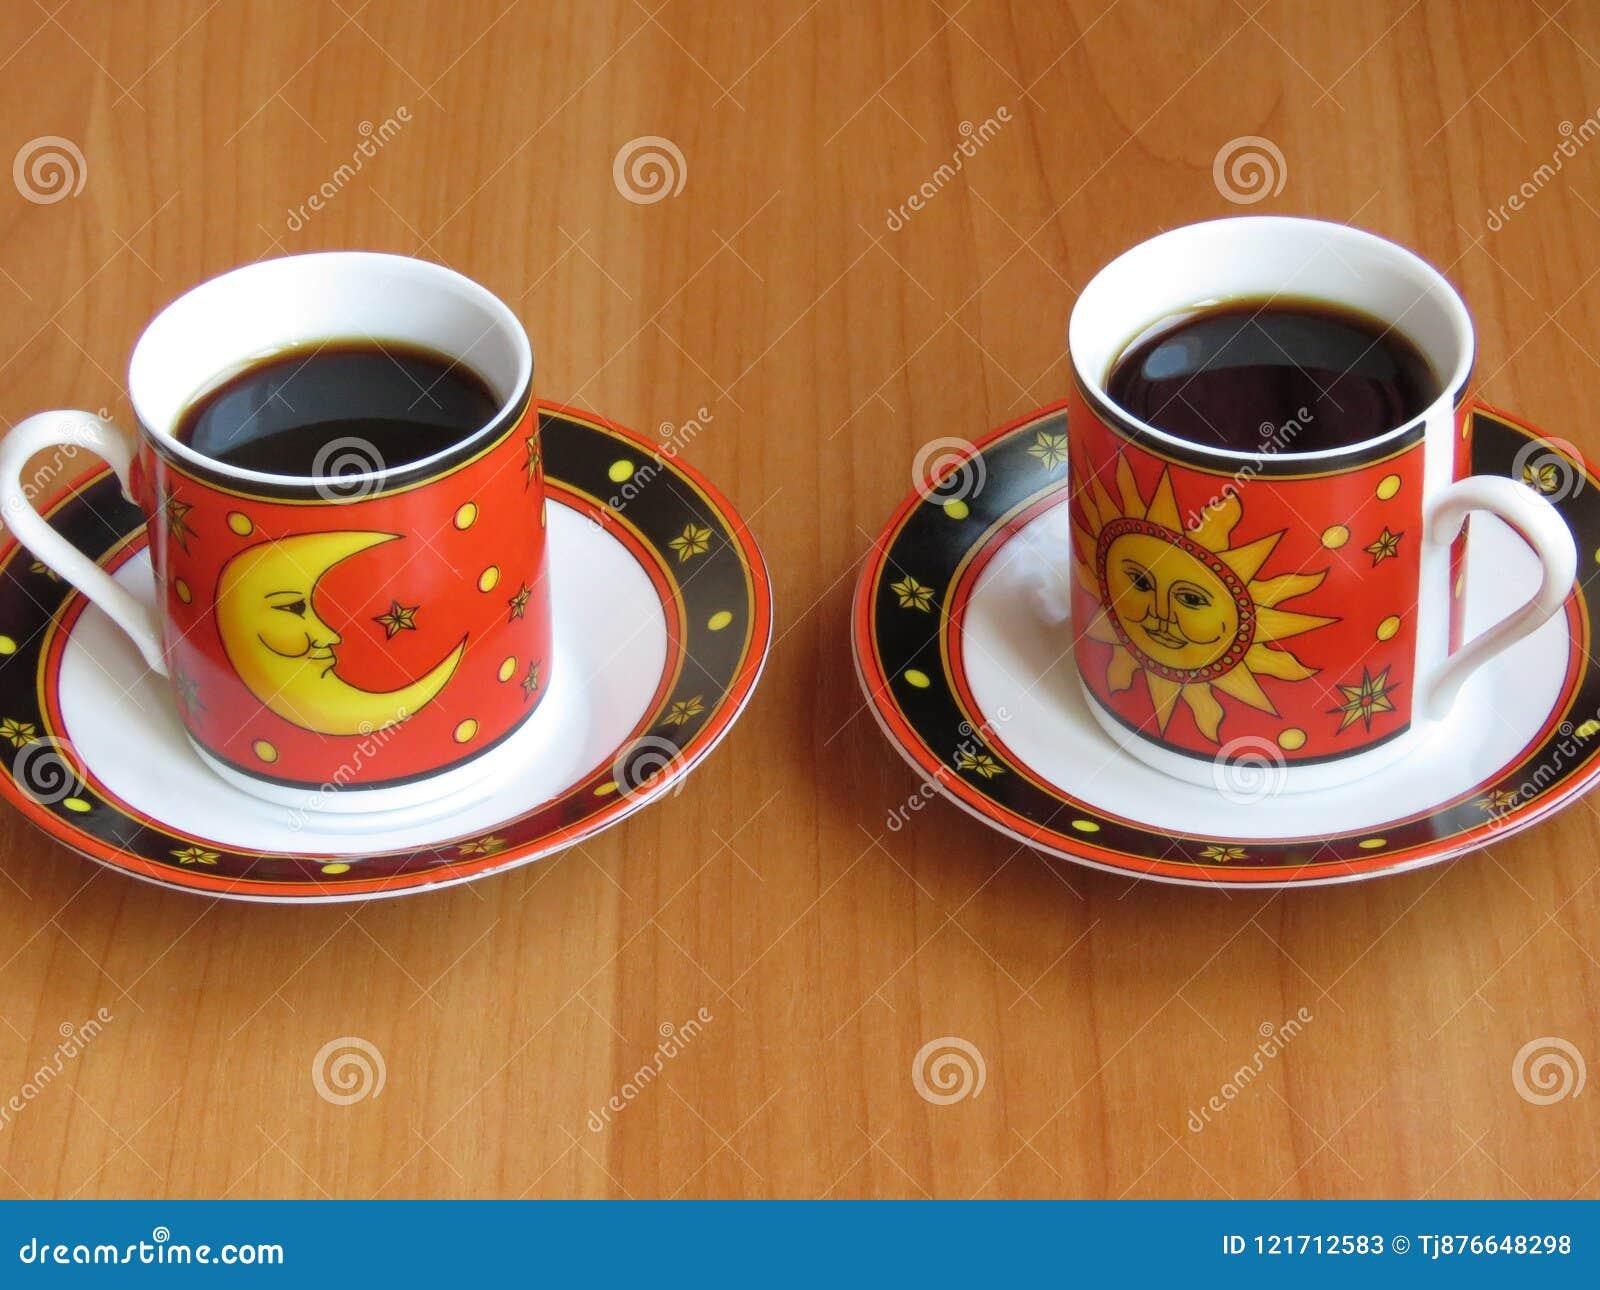 Två koppar av mörkt kaffe i rött med måne- och solbeståndsdelar